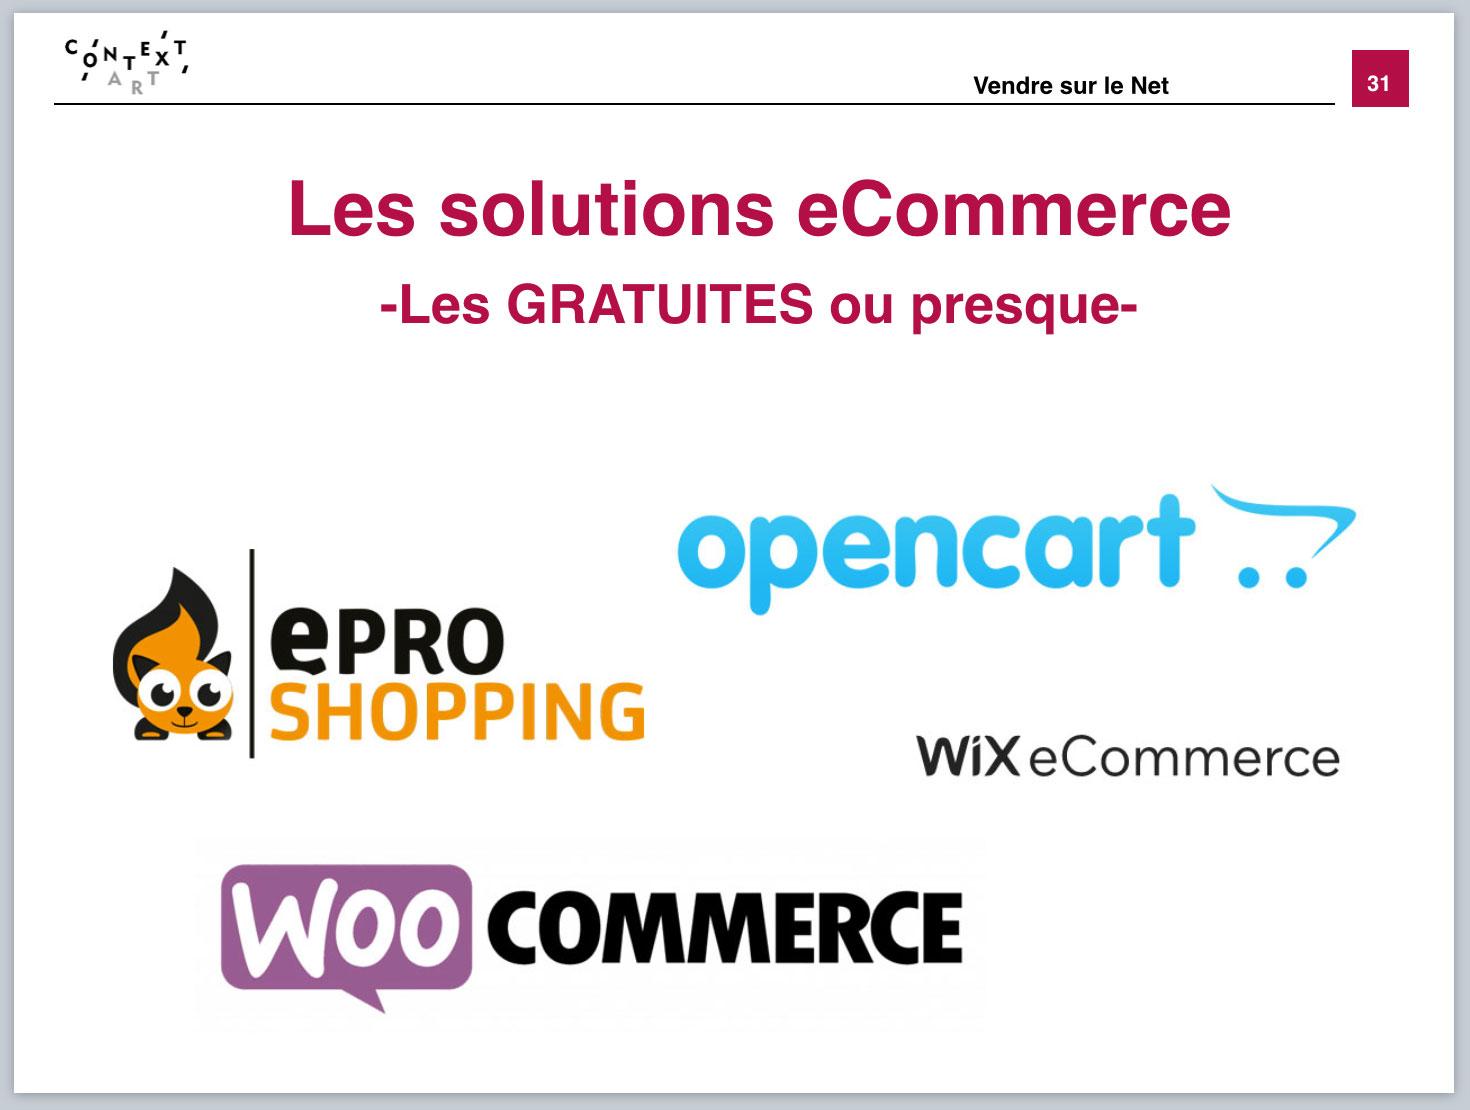 Context'art-David Vincenot-Solutions-ecommerce